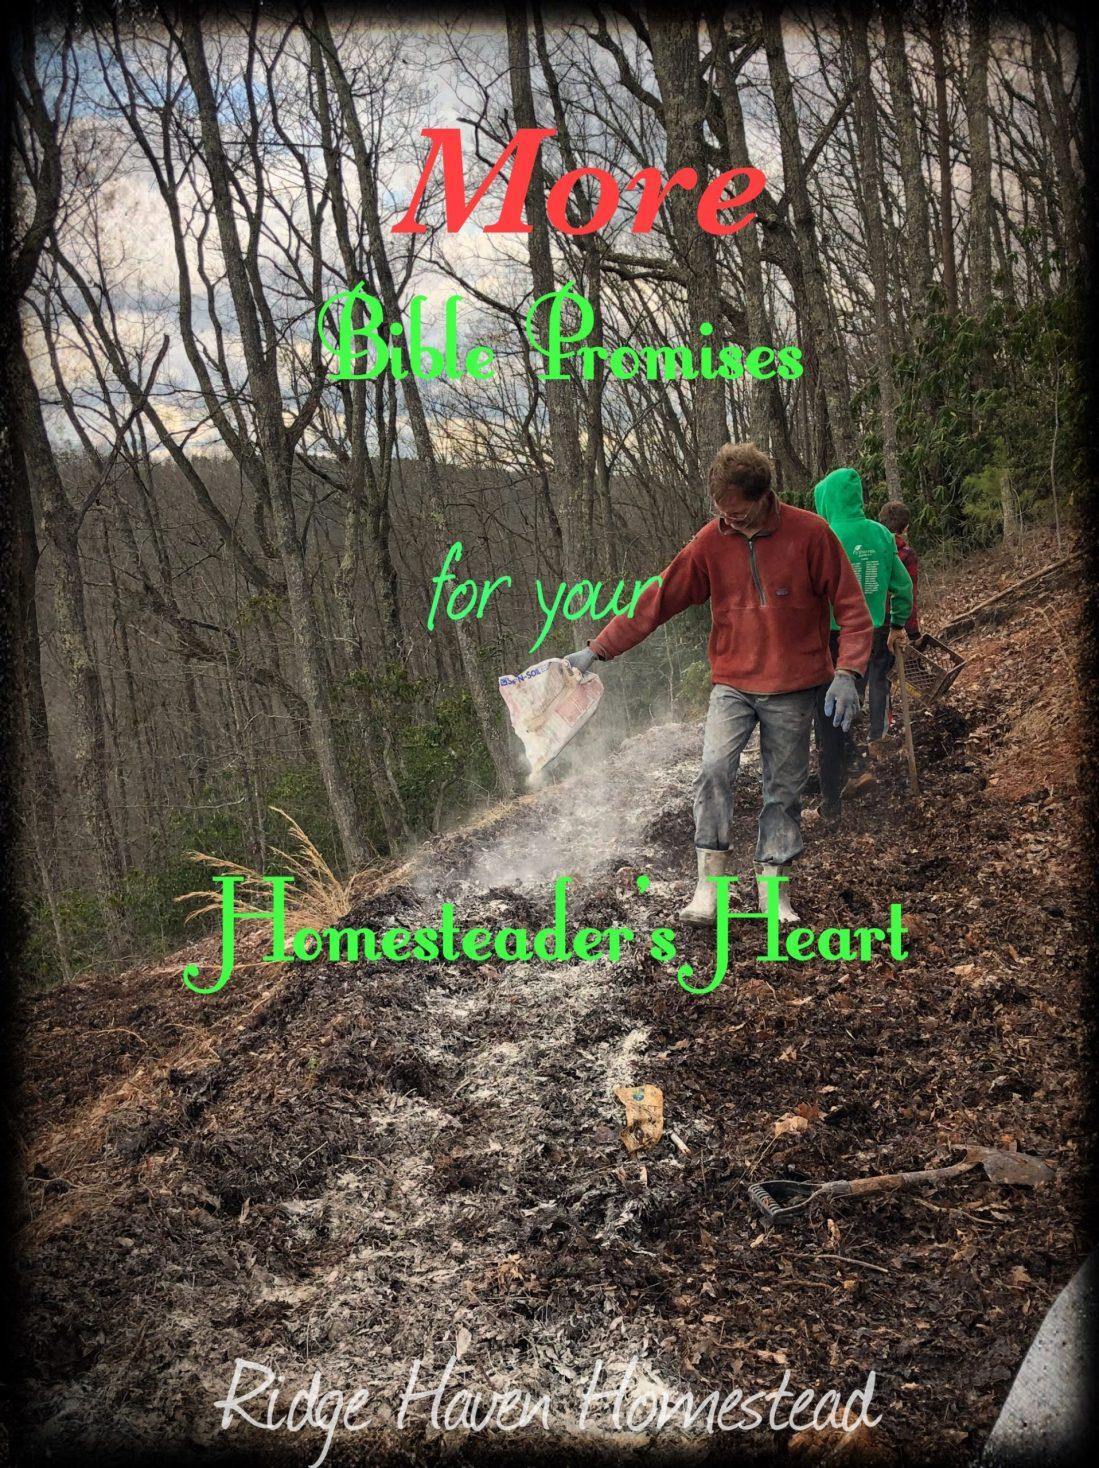 Bible promises for the homesteader's heart